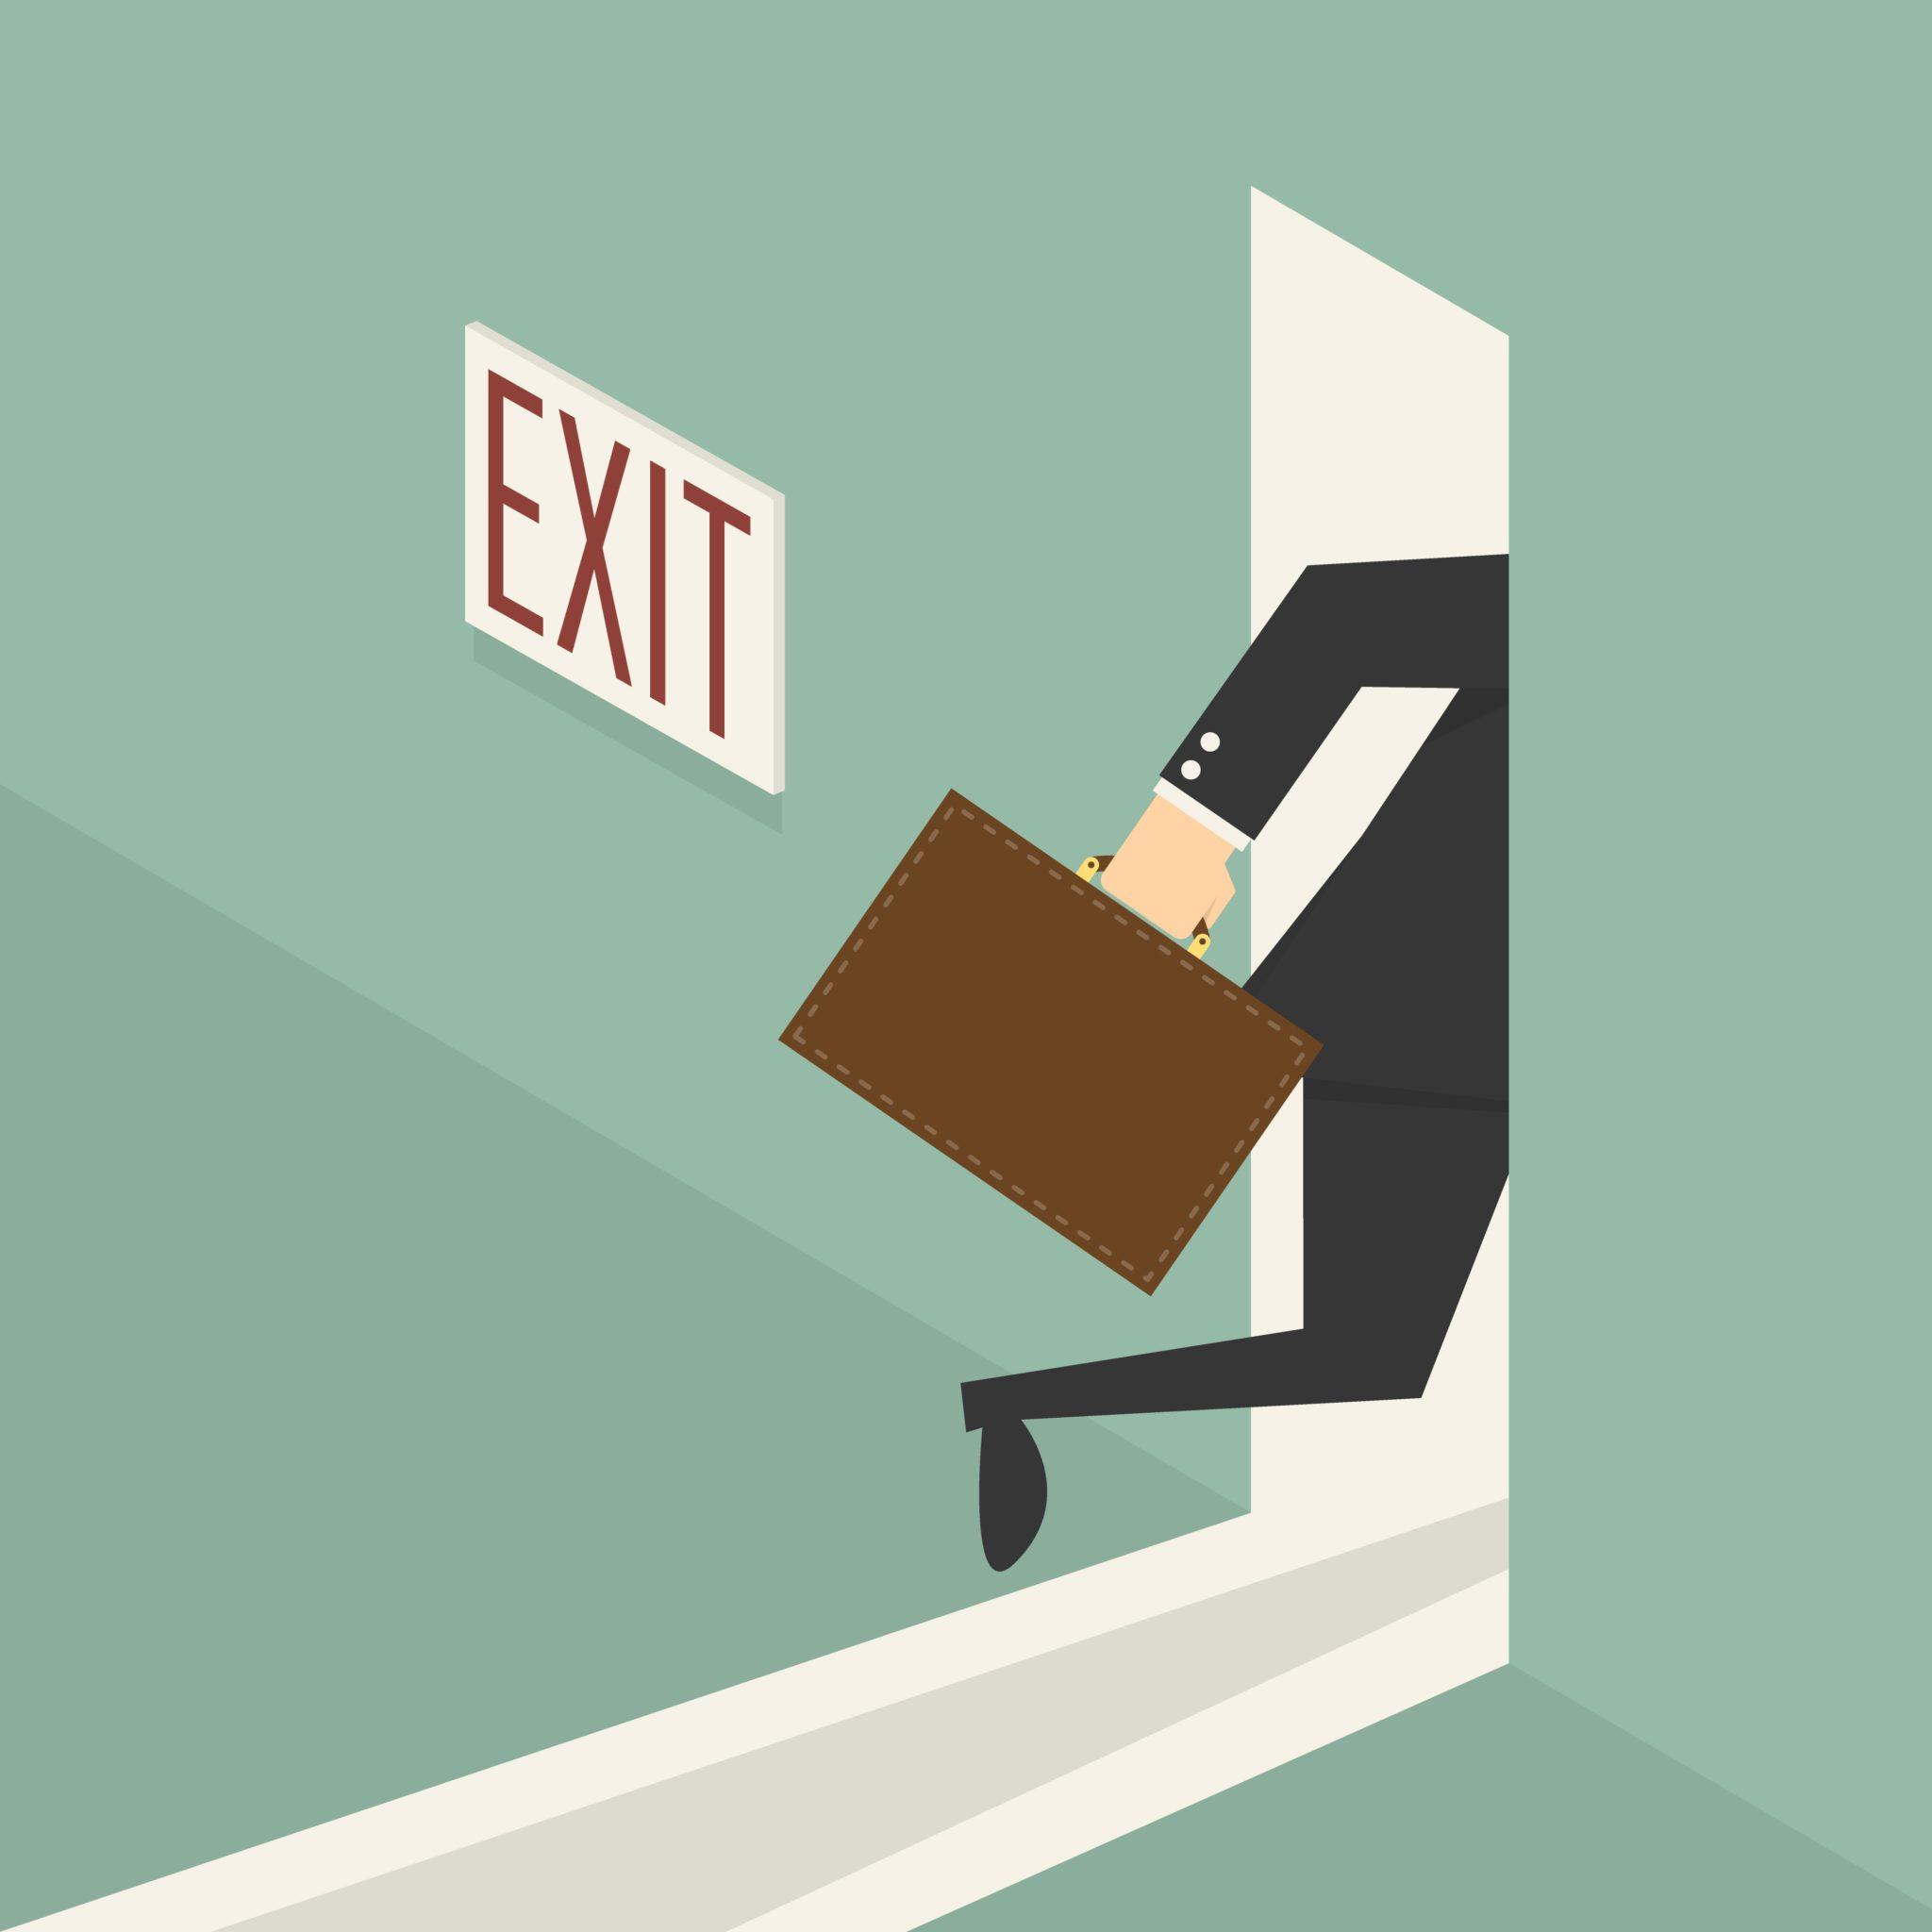 Använd exitundersökningar för att få reda på varför medarbetare slutar.